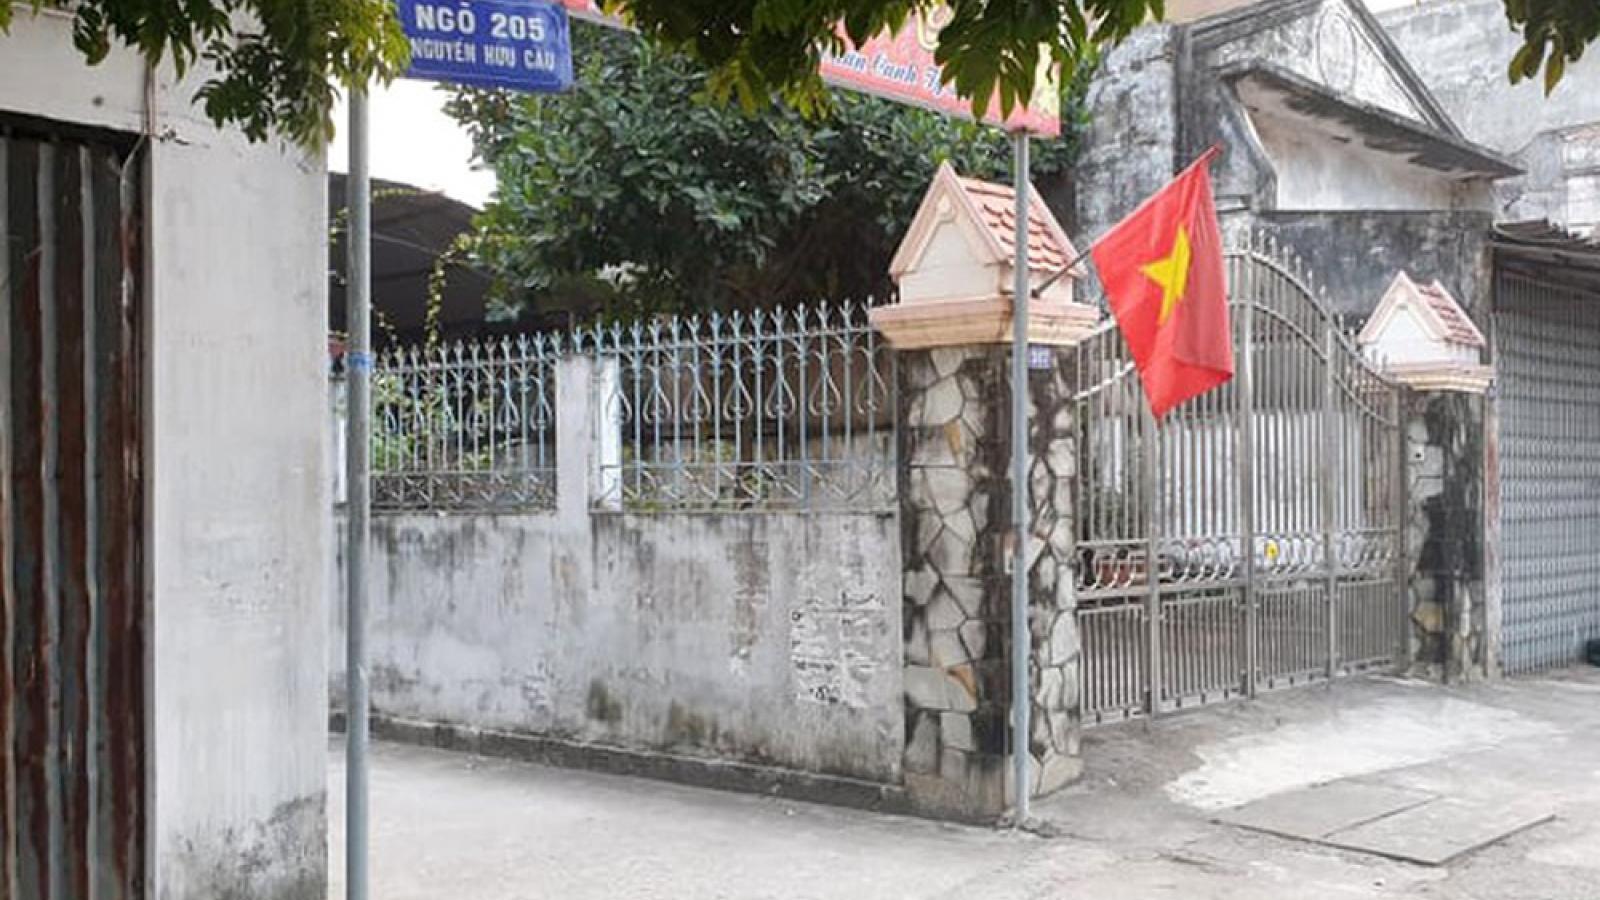 Phó đội điều tra Công an quận Đồ Sơn bị bắt vì làm sai lệch hồ sơ